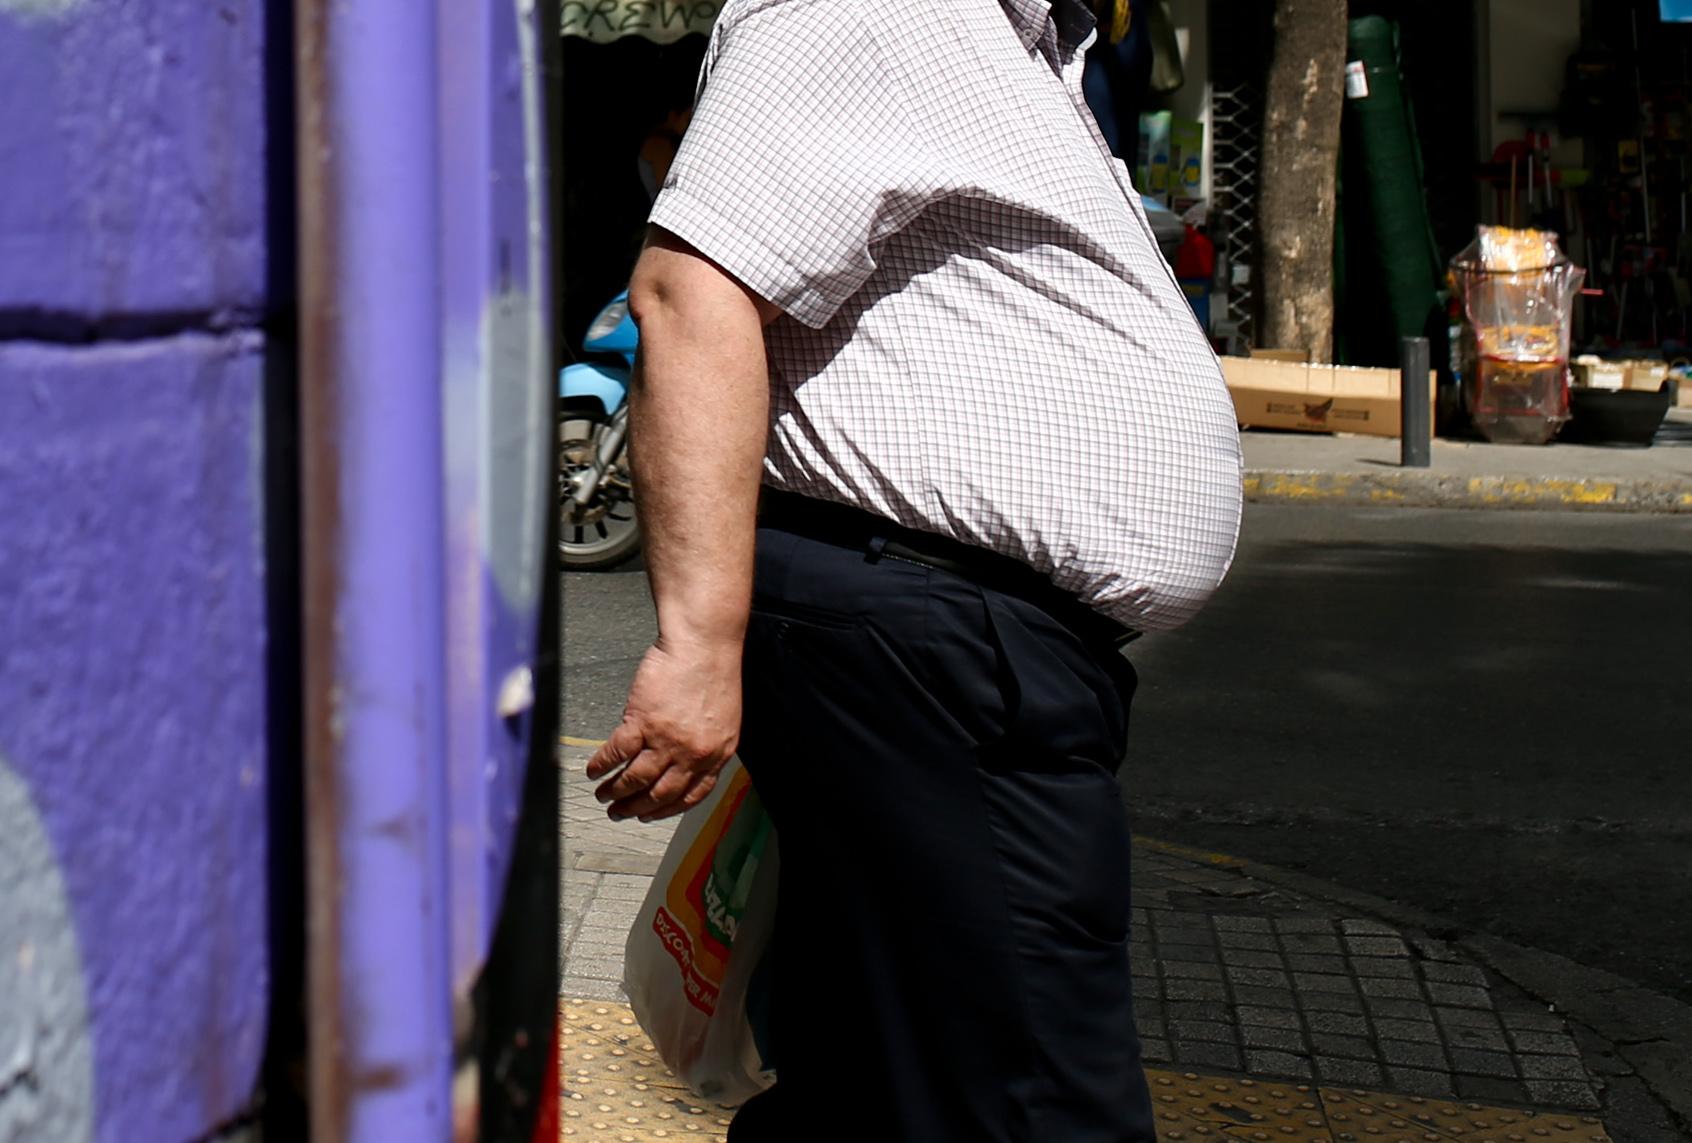 Κορονοϊός: Ο δείκτης μάζας σώματος δείχνει τον κίνδυνο για νόσηση ή θάνατο ειδικά στους νέους